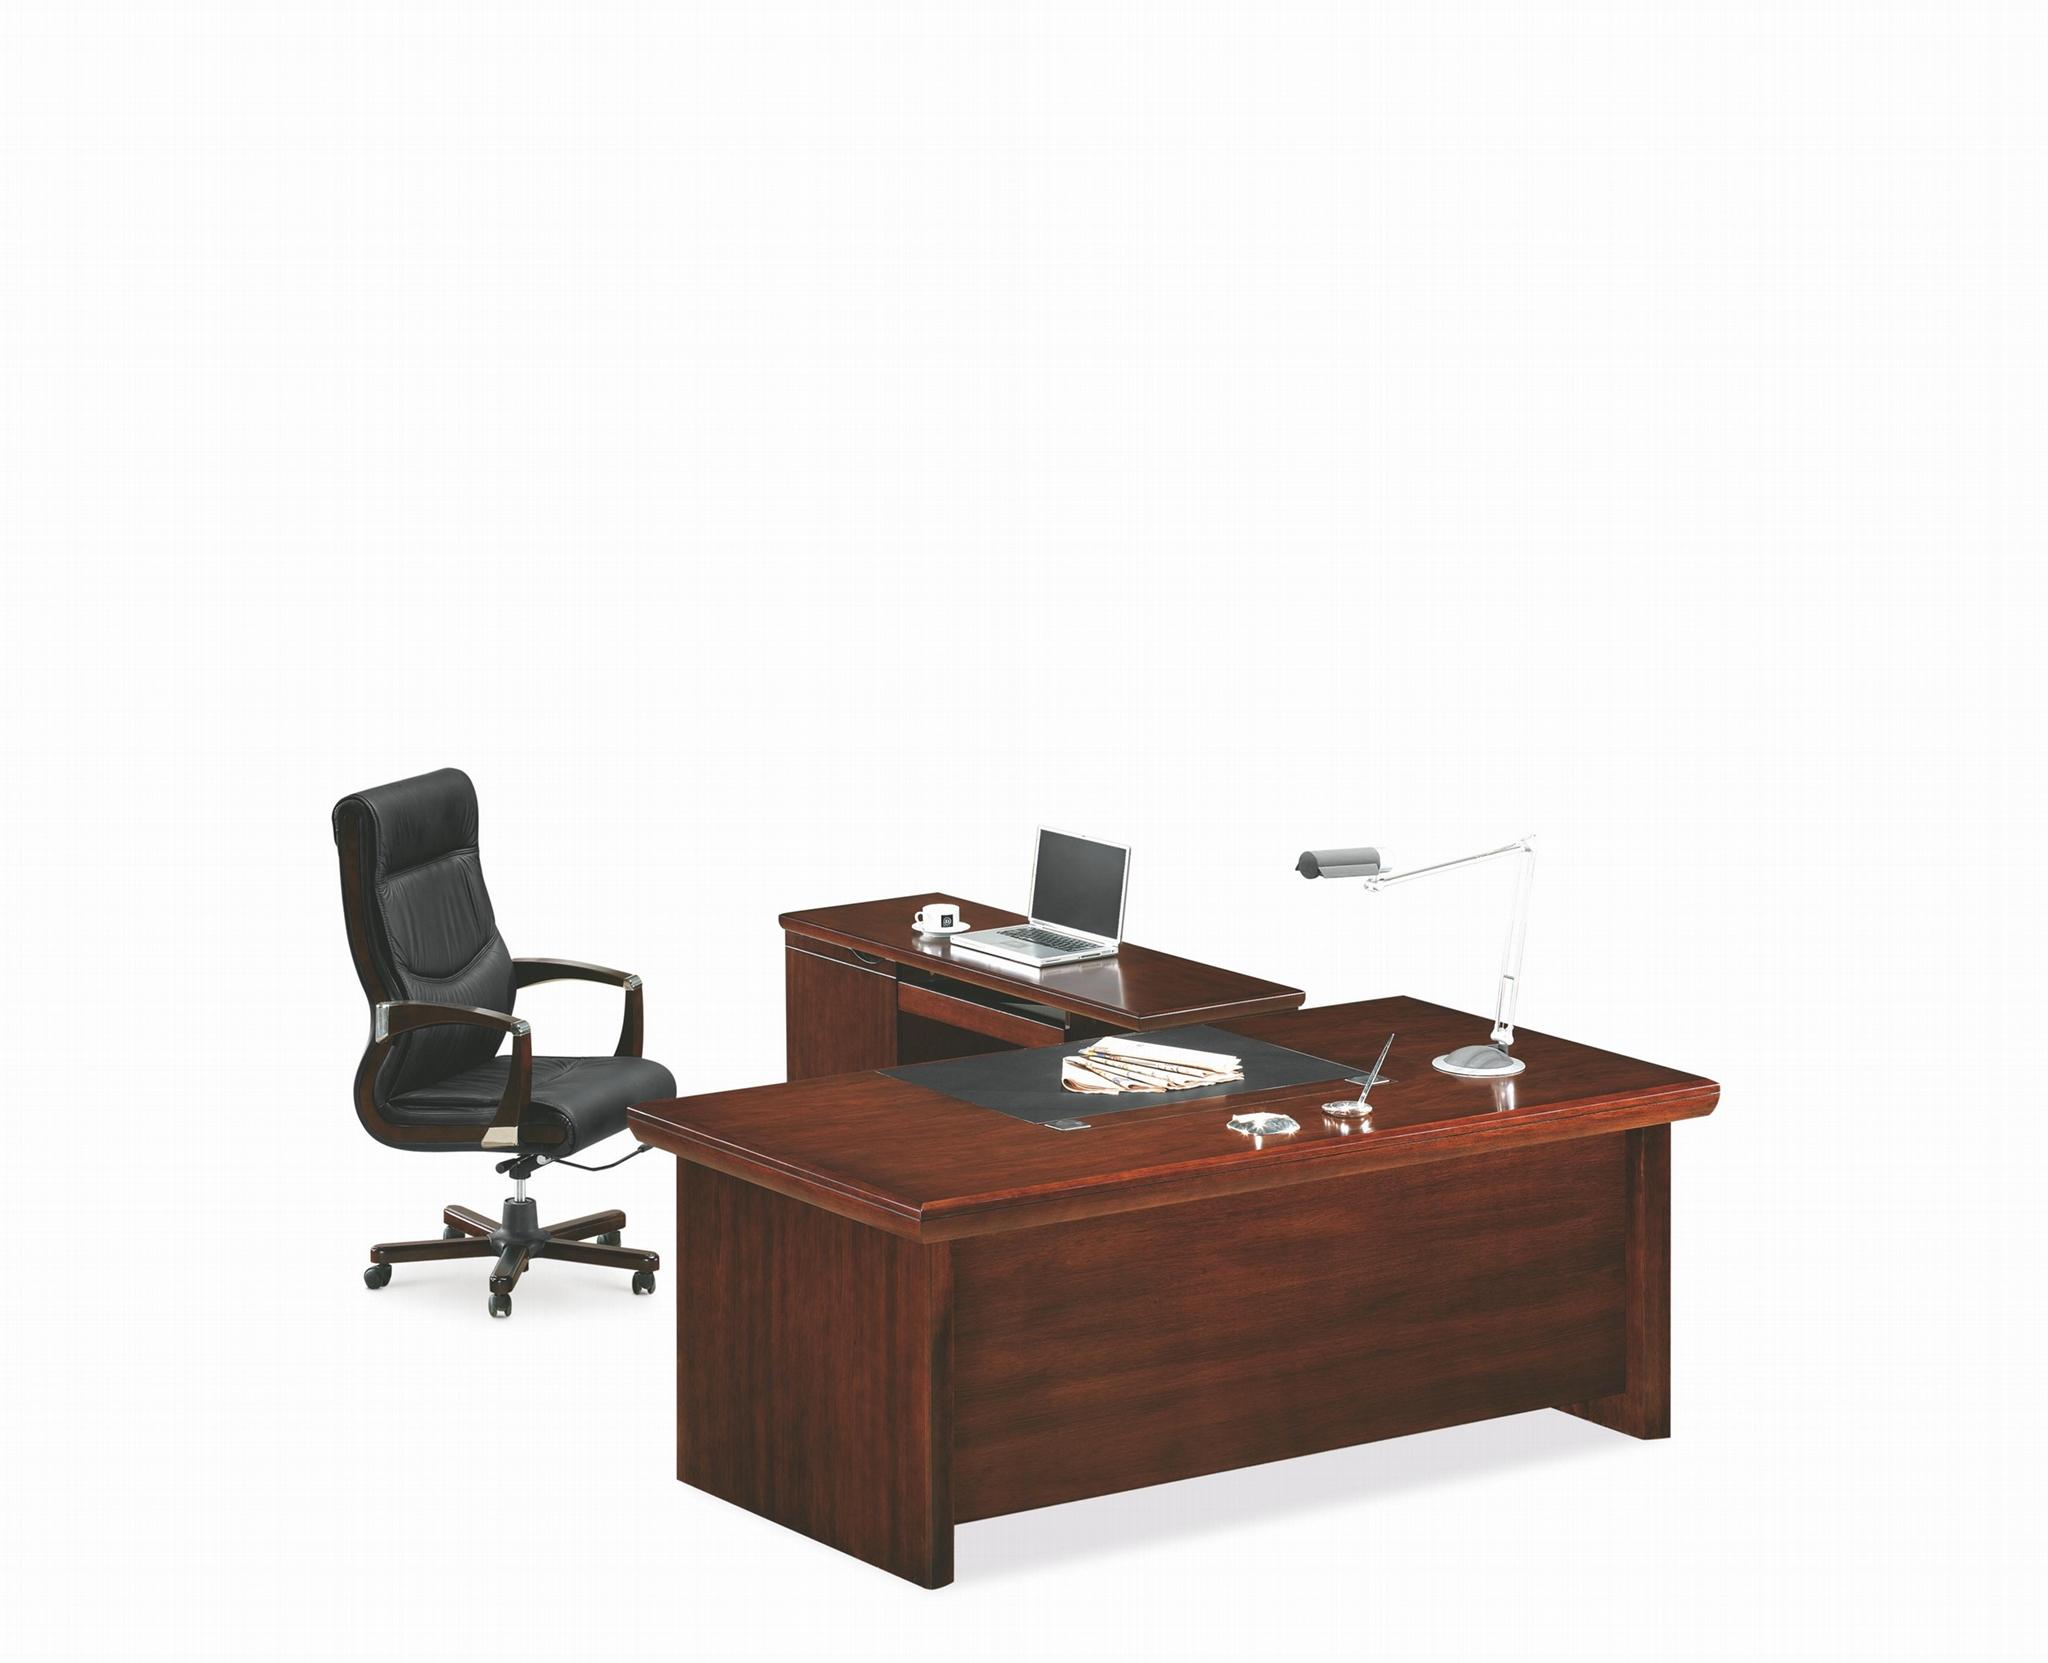 中泰辦公傢具 辦公桌 班台 職員桌 1